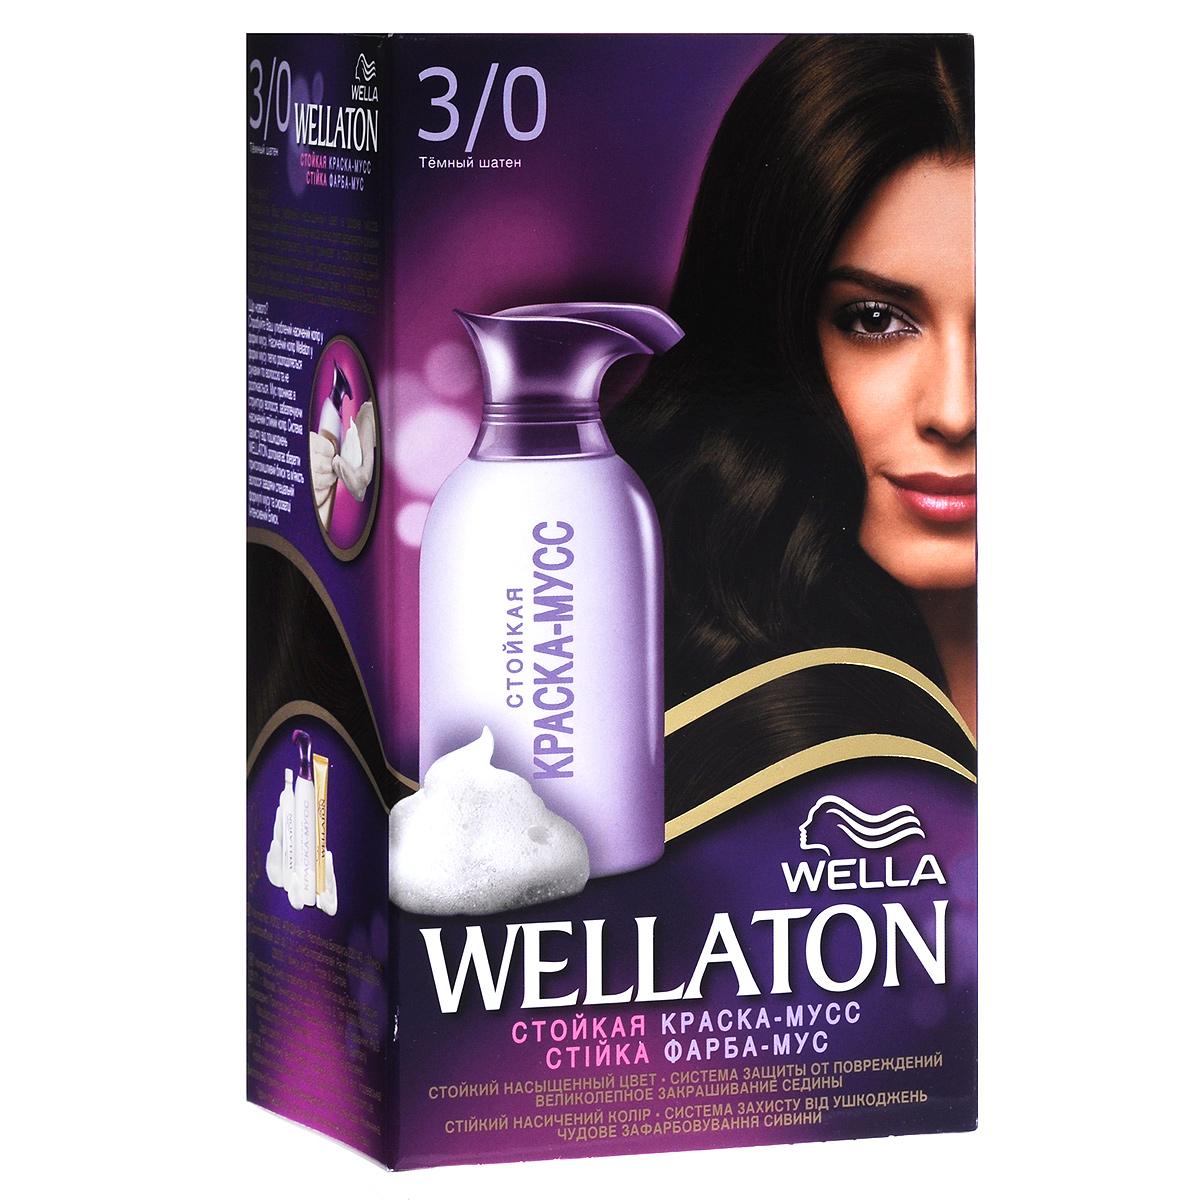 Краска-мусс для волос Wellaton 3/0. Темный шатен81284288Стойкая краска-мусс Wellaton - живой насыщенный цвет и легкое бережное нанесение. Насладитесь живым насыщенным цветом. Краска-мусс обеспечивает бережное нанесение и защиту от подтеков. Она равномерно распределяется по волосам, насыщая каждый волос совершенным цветом. Система защиты от повреждений дарит волосам потрясающий блеск и мягкость шелка благодаря специальной формуле мусса и питательной сыворотке. Такая же стойкость, как привычные краски! 100% закрашивание седины.